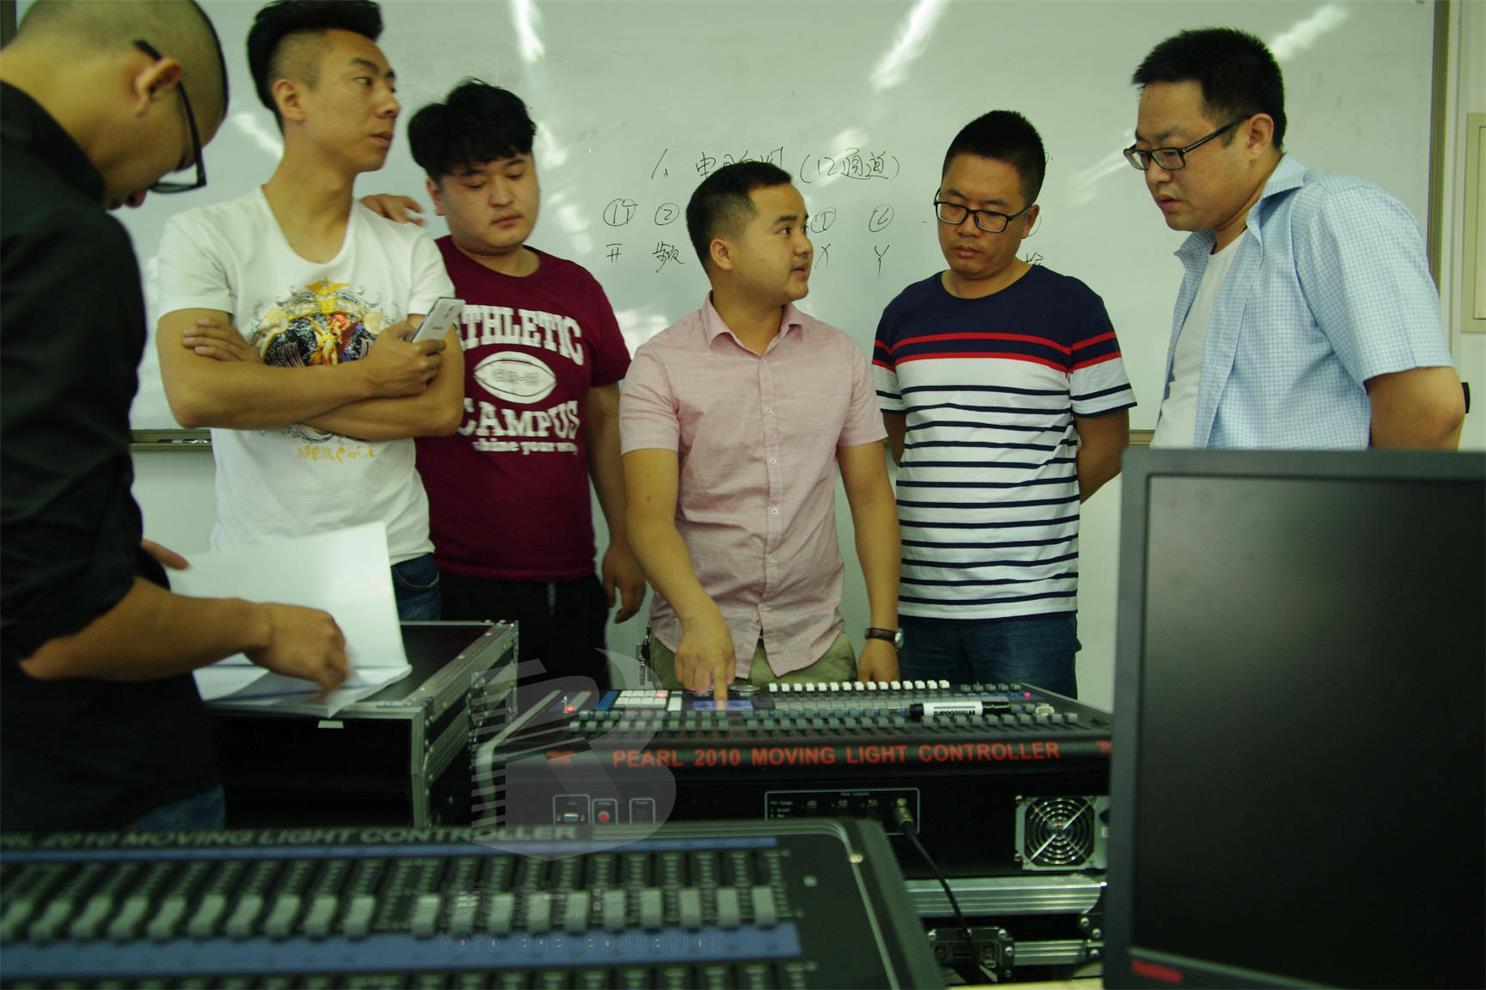 灯光师控台珍珠2010培训班,人手一台,专业老师辅导